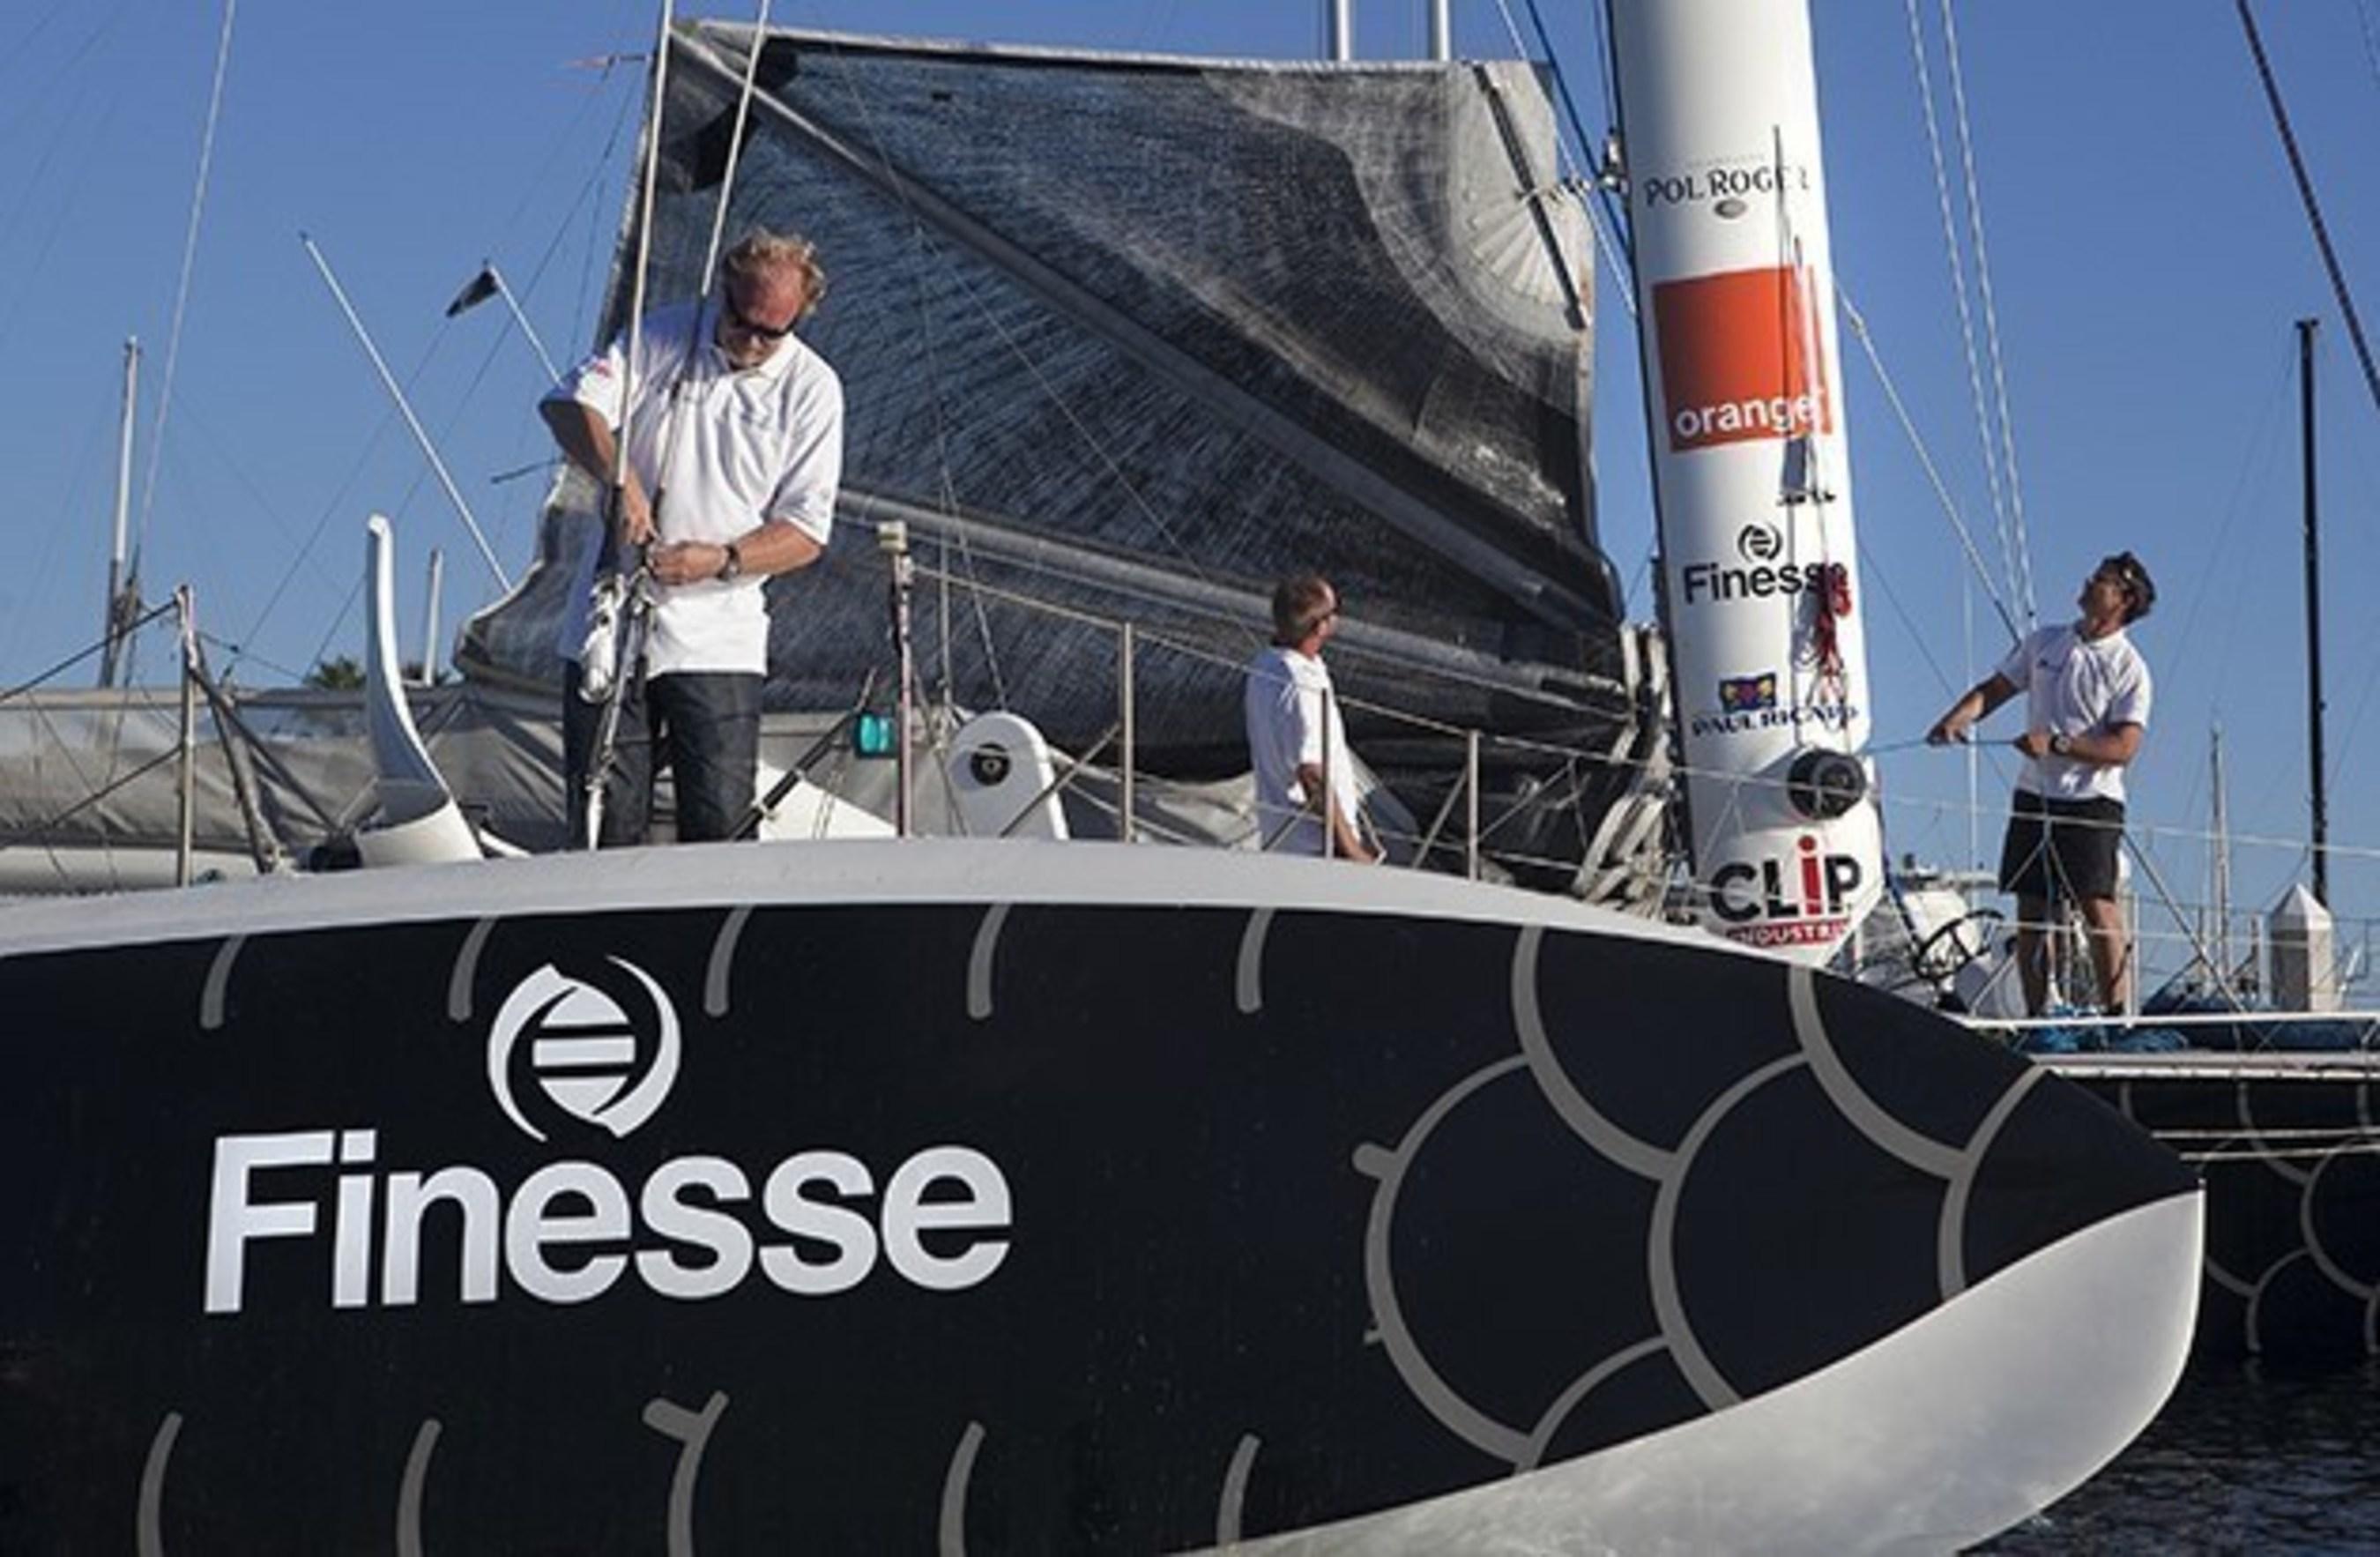 L'Hydroptère s'envole avec Finesse : Le trimaran Hydroptère aquaplane va tenter de battre un autre